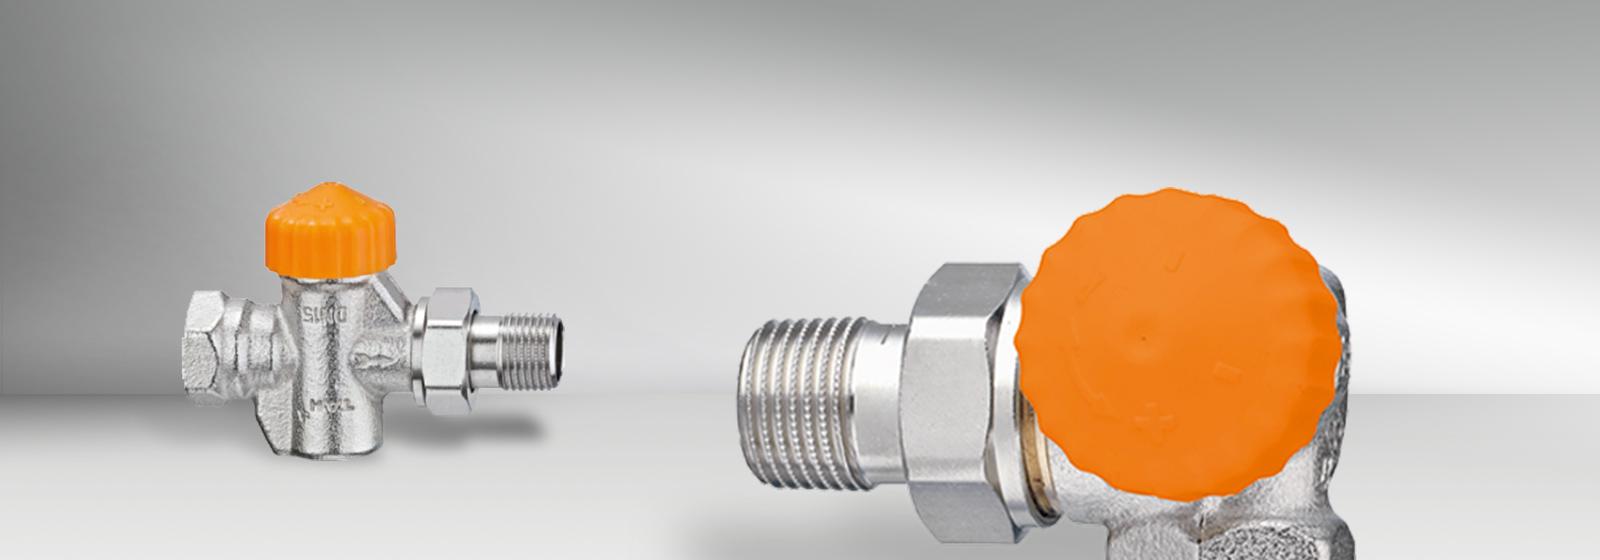 Heimeier Thermostatventile Armaturen Heizung Gewerbe Produkte